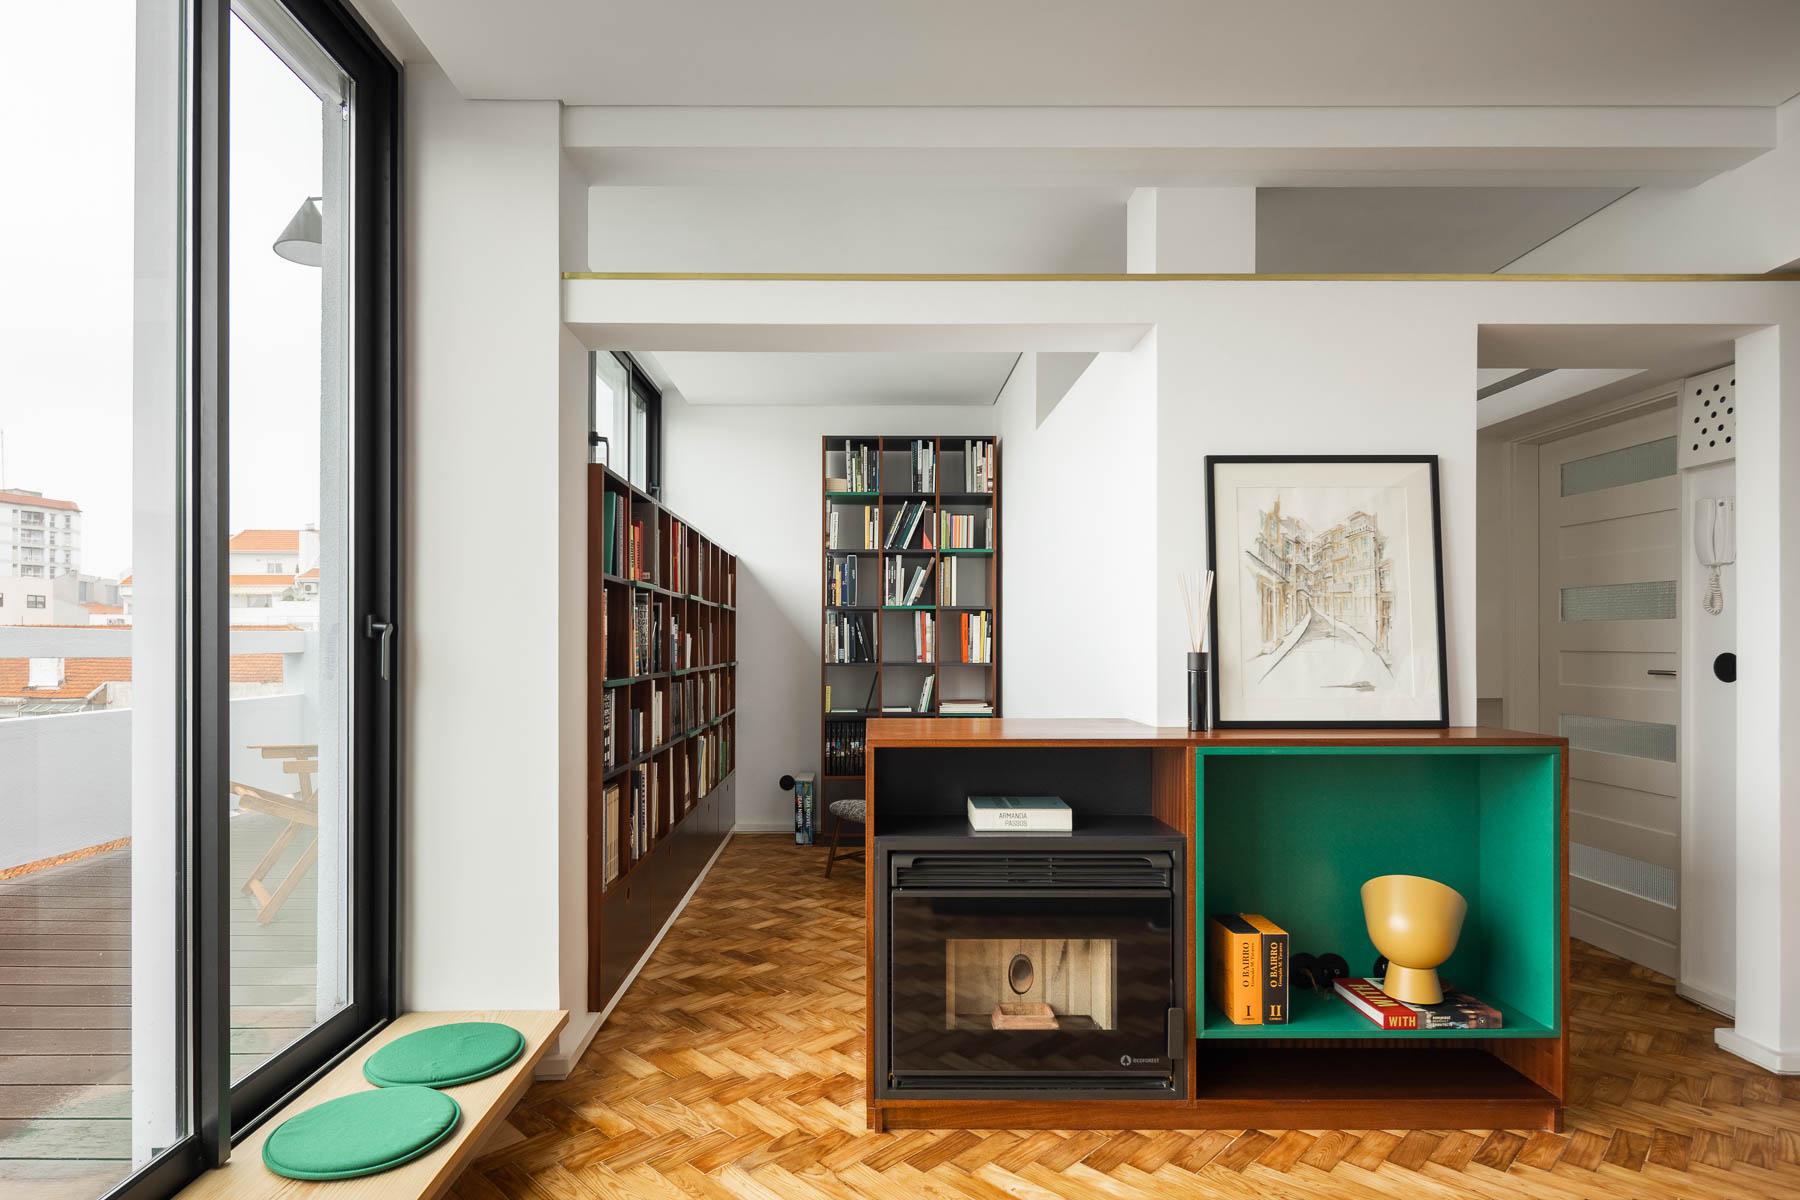 Una reforma en Oporto que respeta y moderniza el estilo original de 1956. Salón